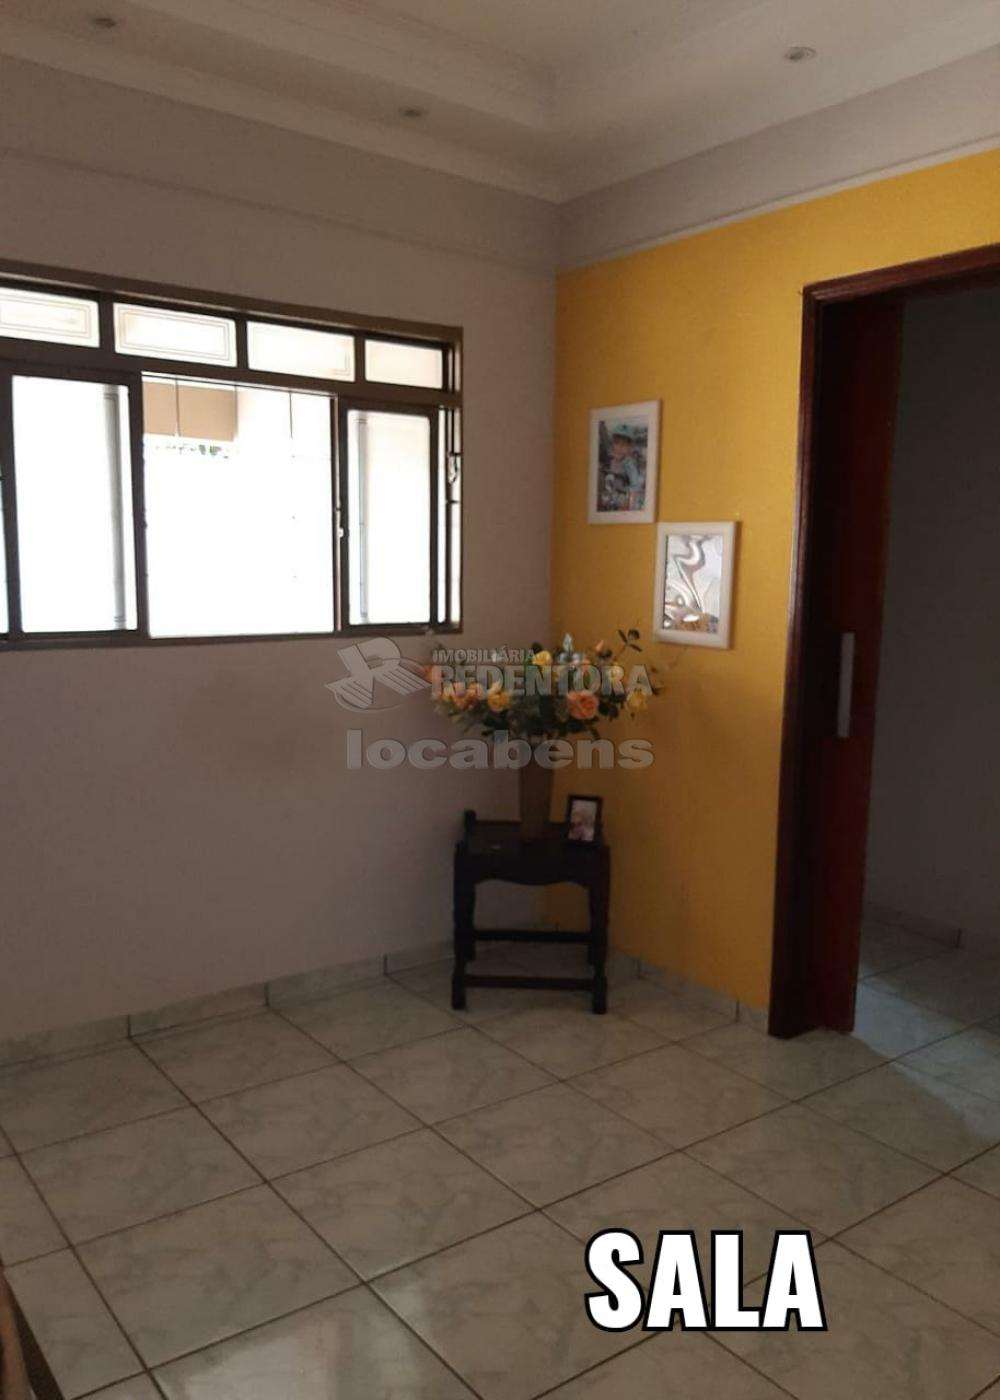 Comprar Casa / Padrão em São José do Rio Preto apenas R$ 380.000,00 - Foto 3